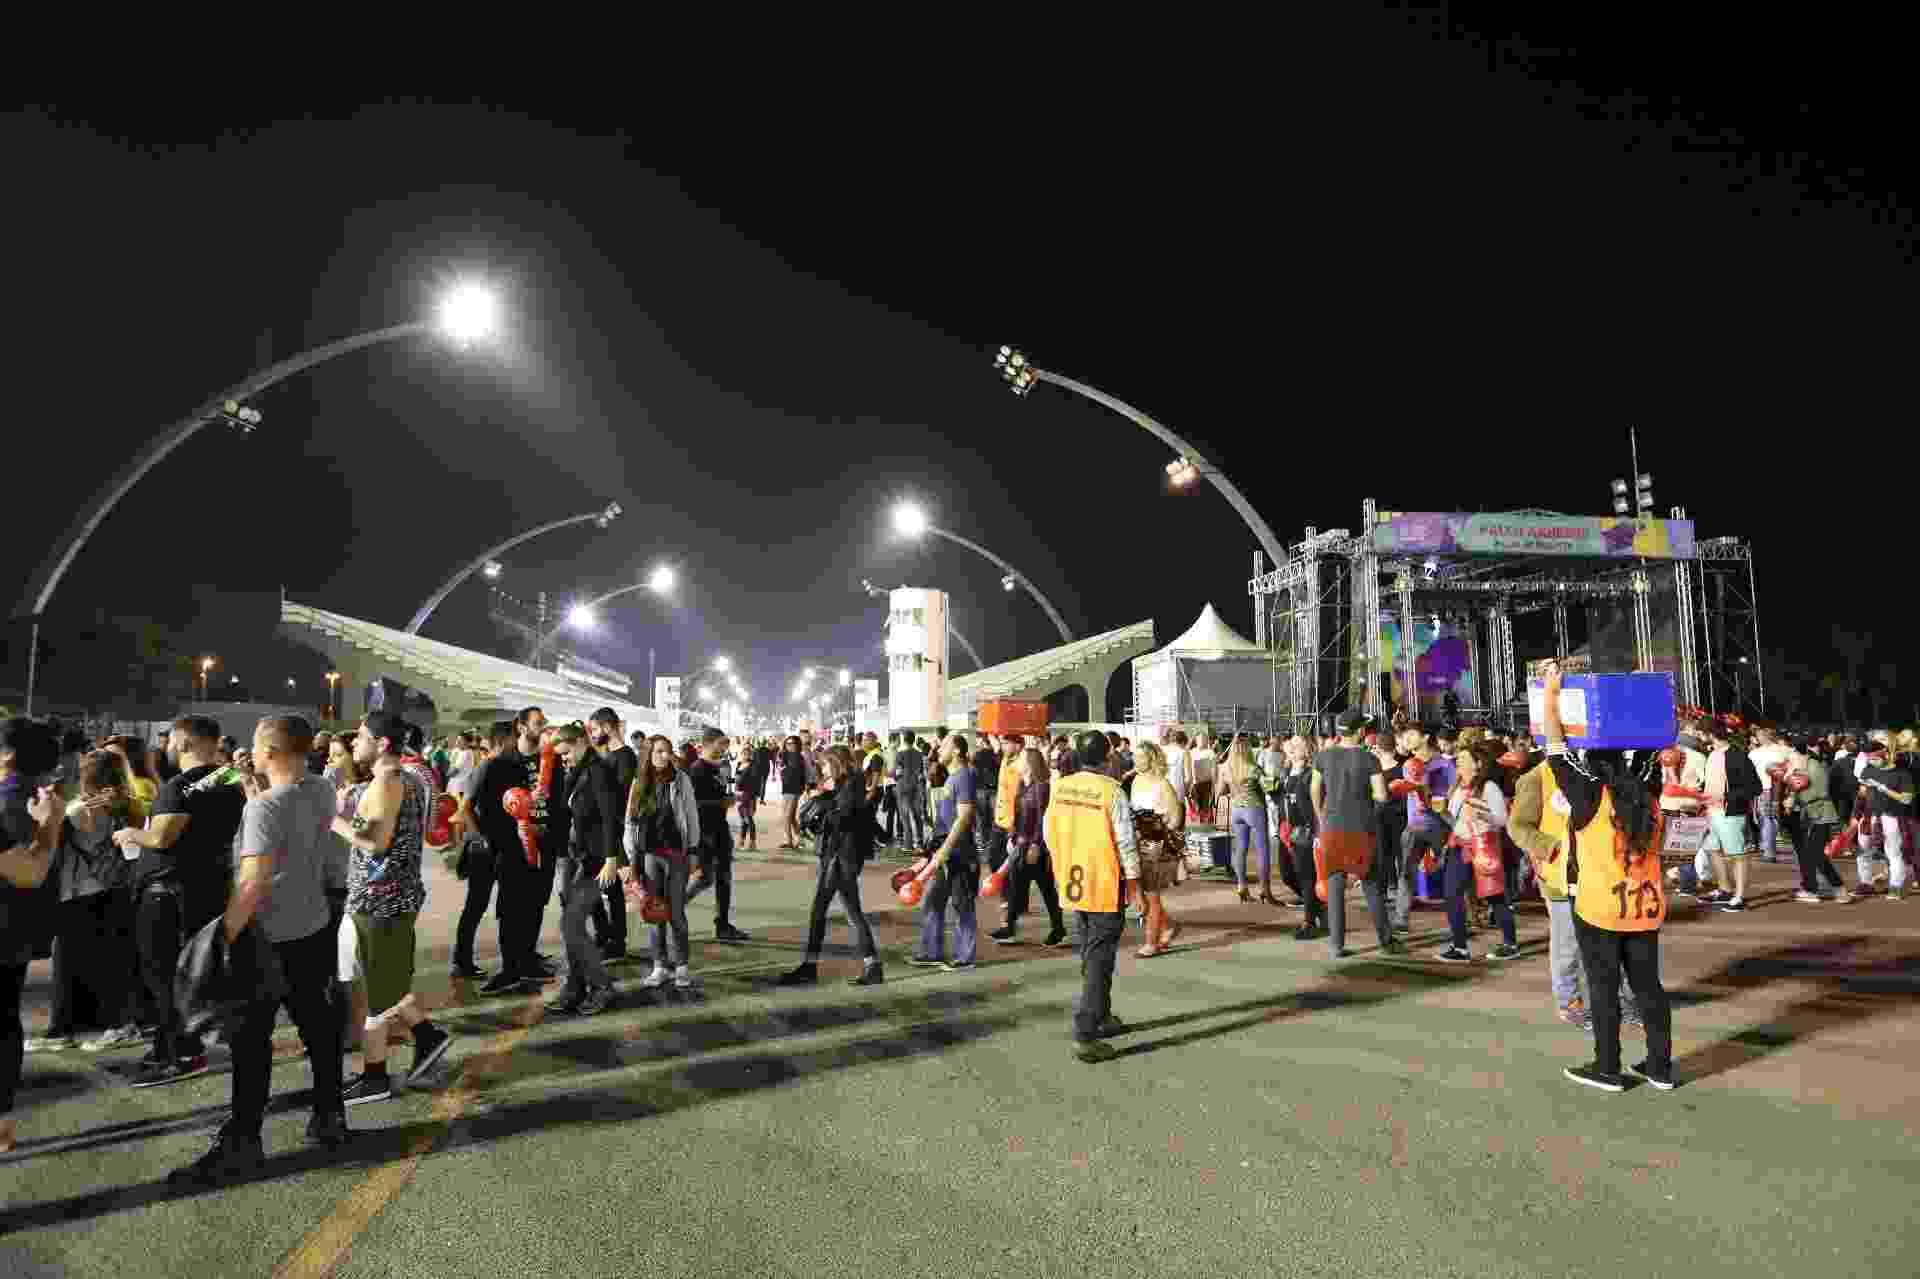 Público ocupa o Sambódromo do Anhembi para a primeira noite da Virada Cultural 2017 - Simon Plestenjak/UOL